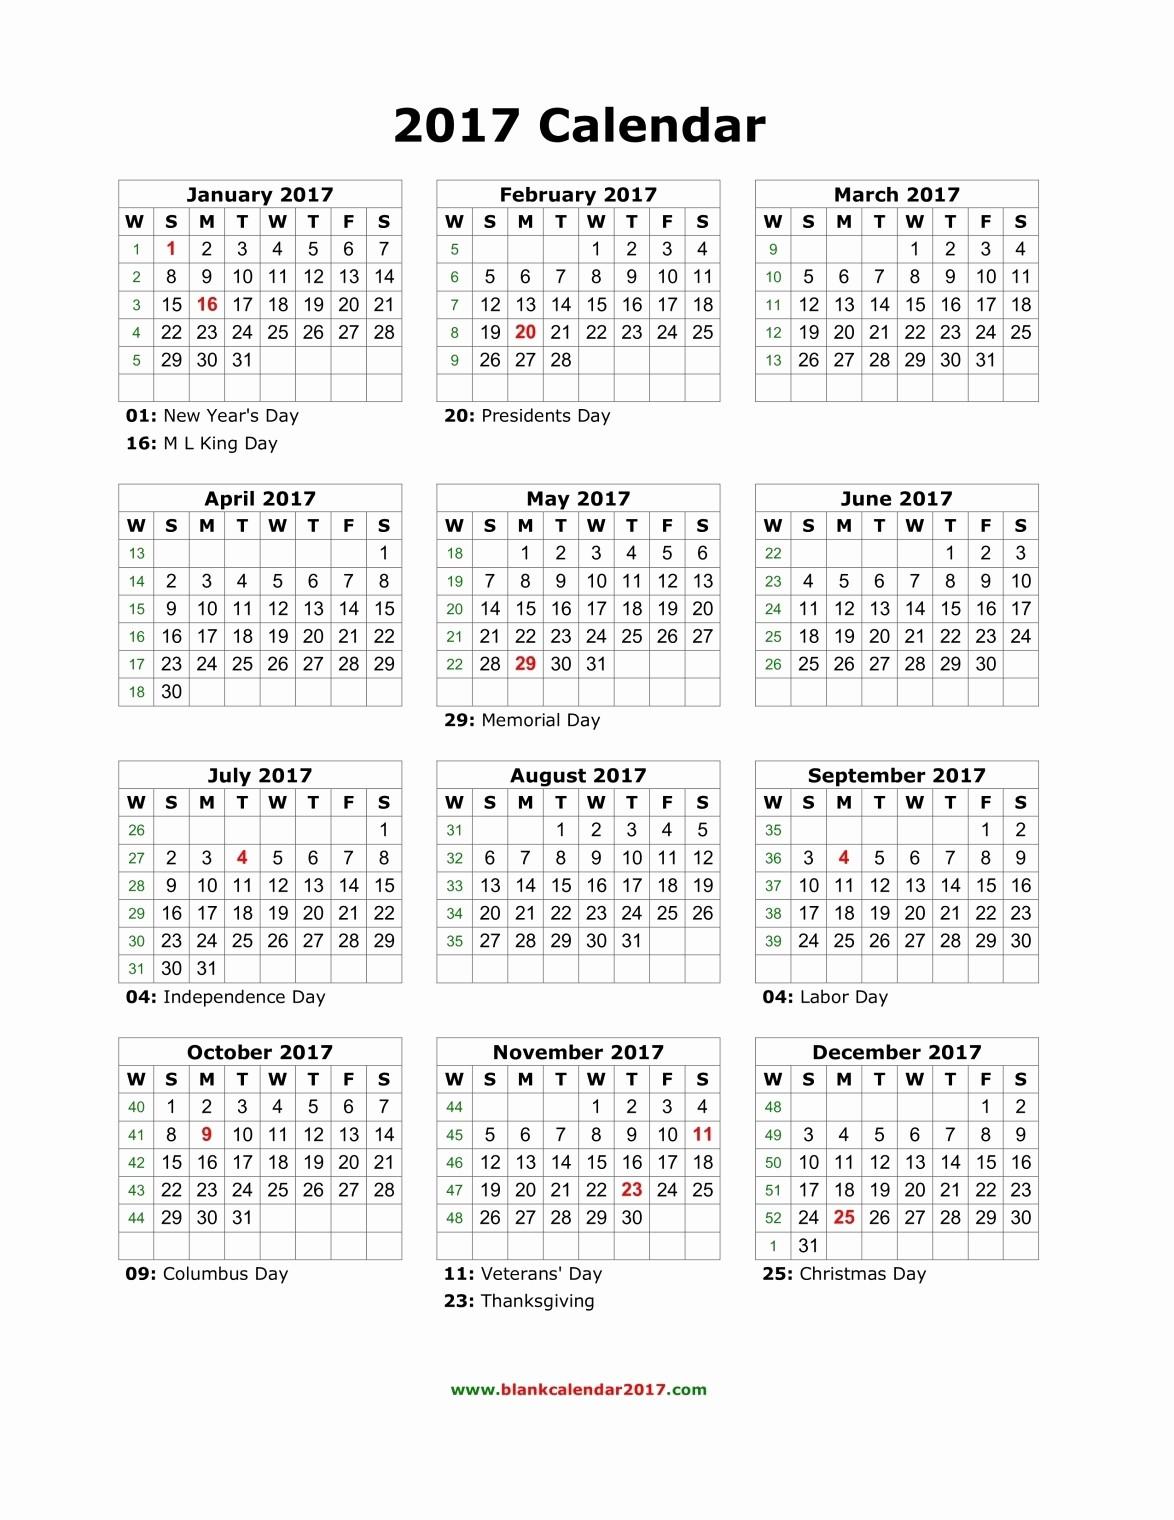 Calendar 2017 Template with Holidays Luxury Blank Calendar 2017